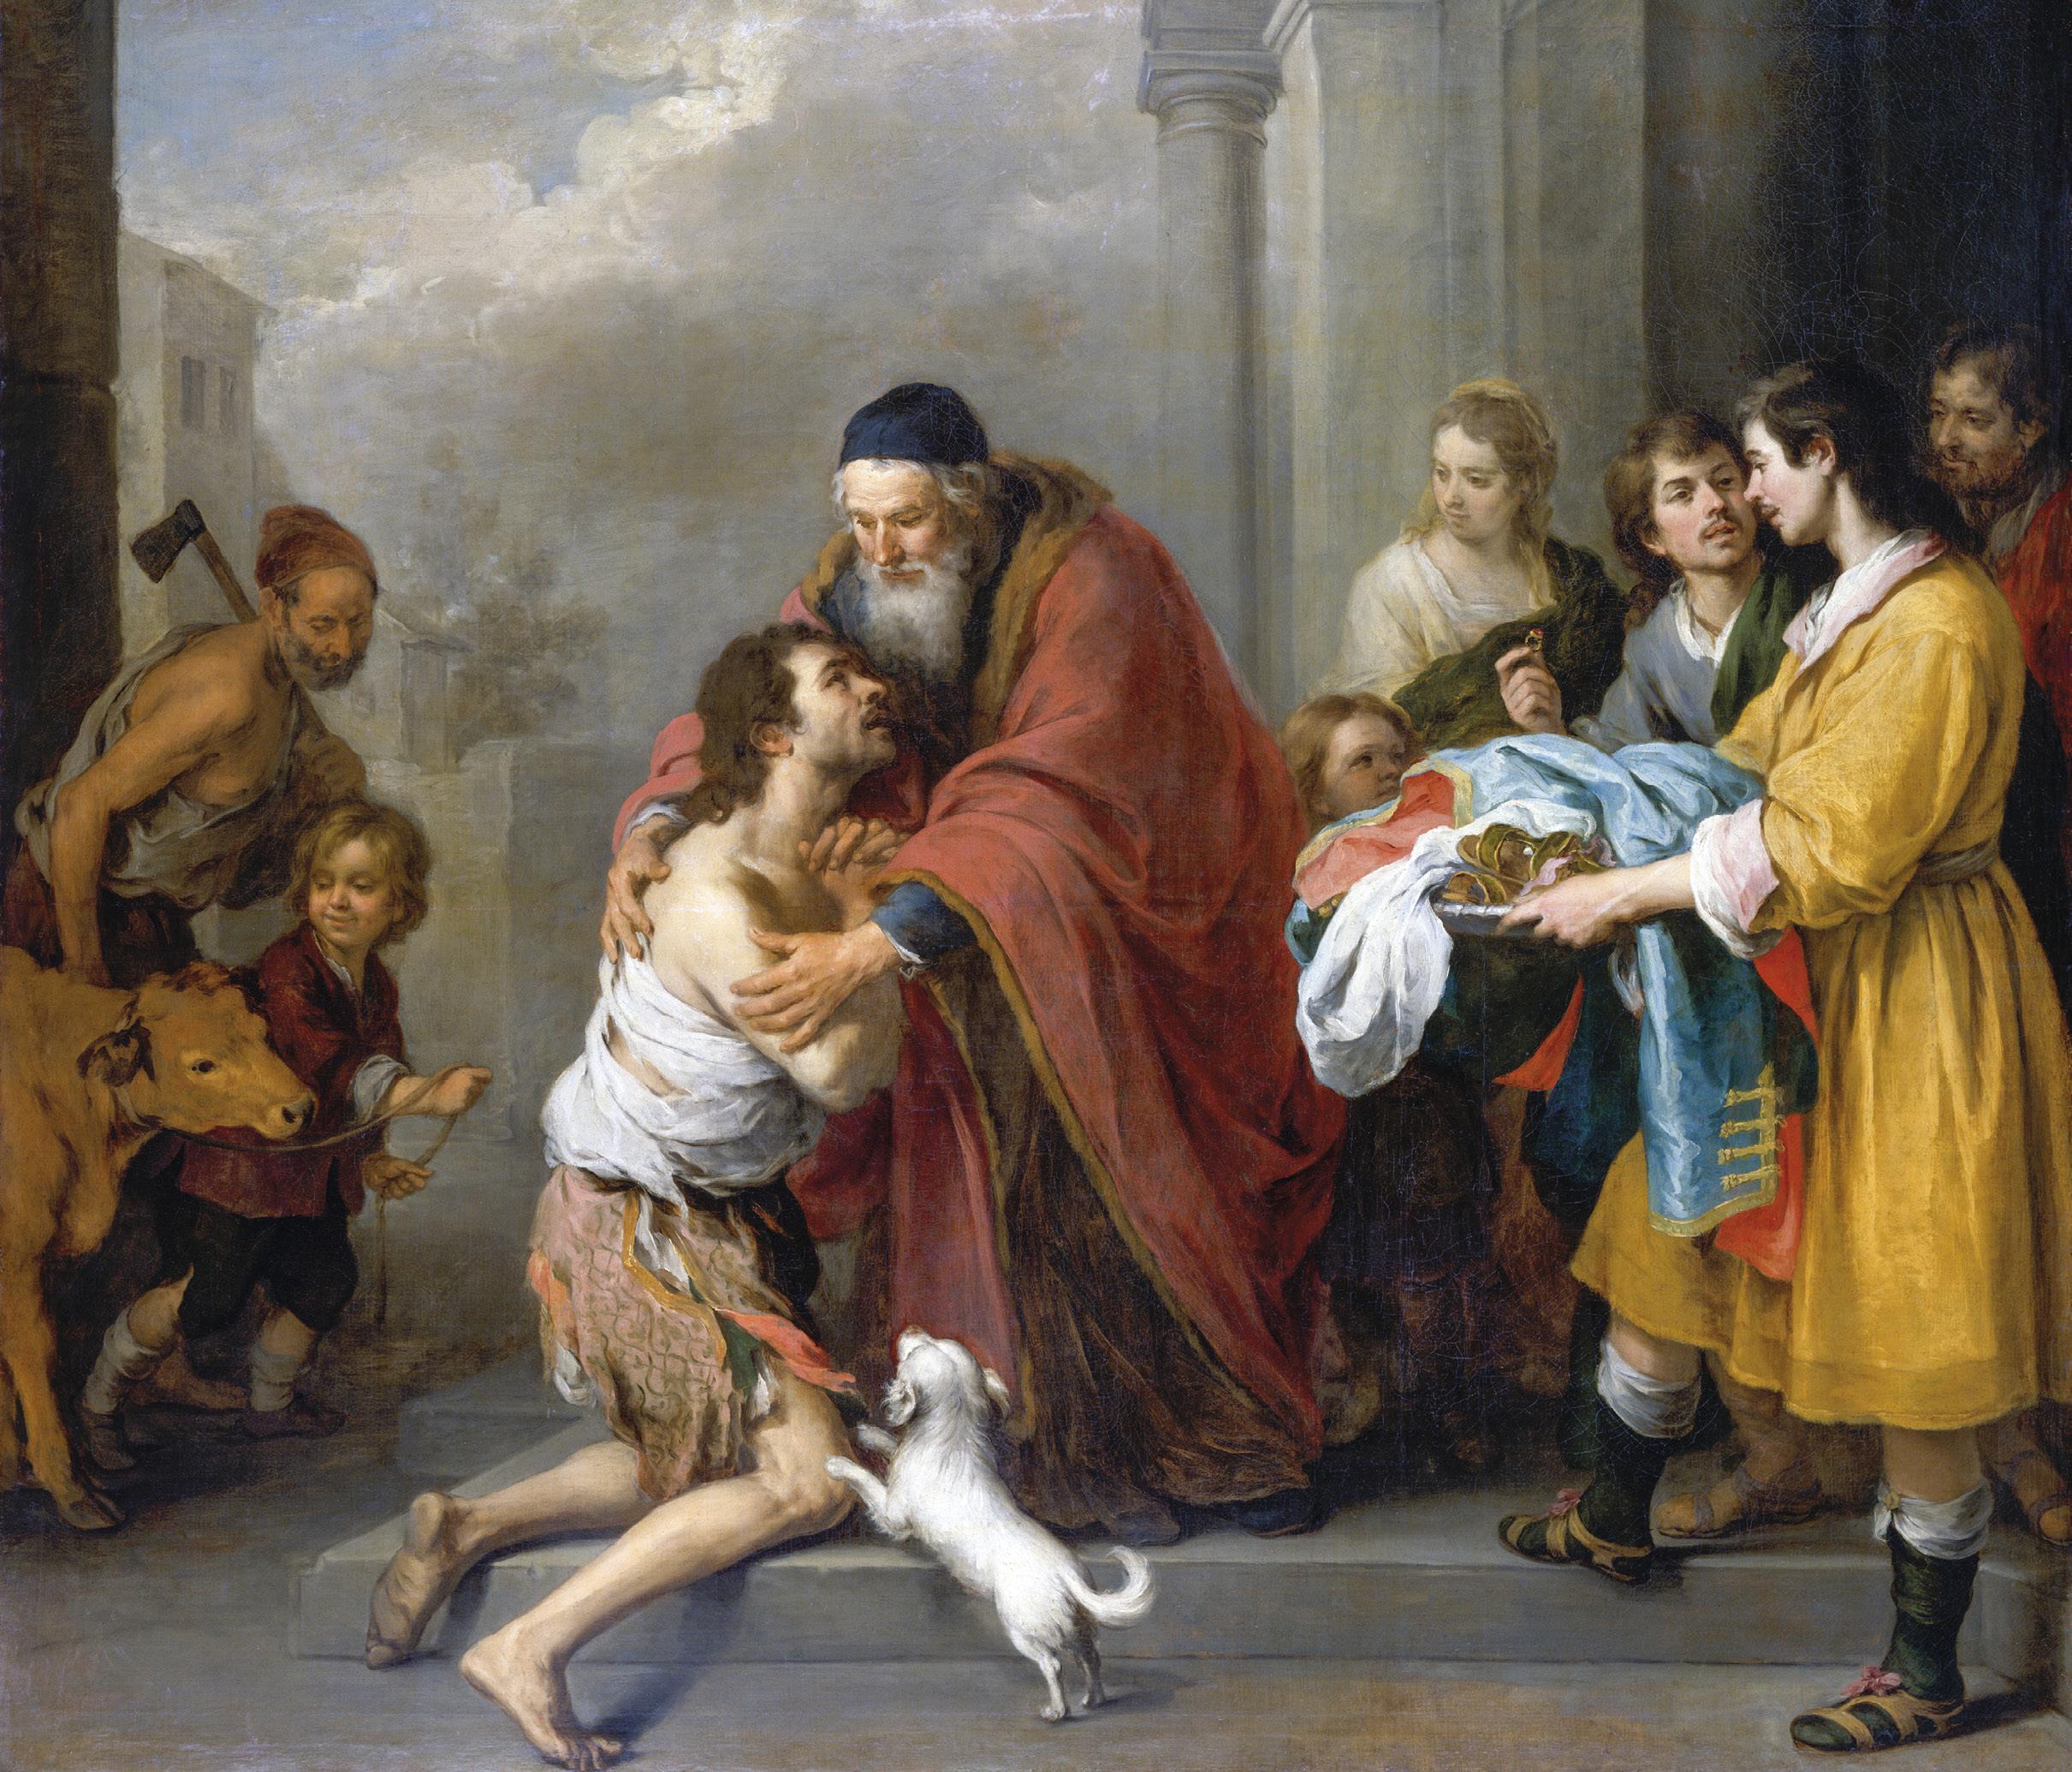 O regresso do filho pródigo - óleo sobre tela de Bartolomé Esteban Murillo (Espanha, 1617 - 1682), Wikimedia Commons.